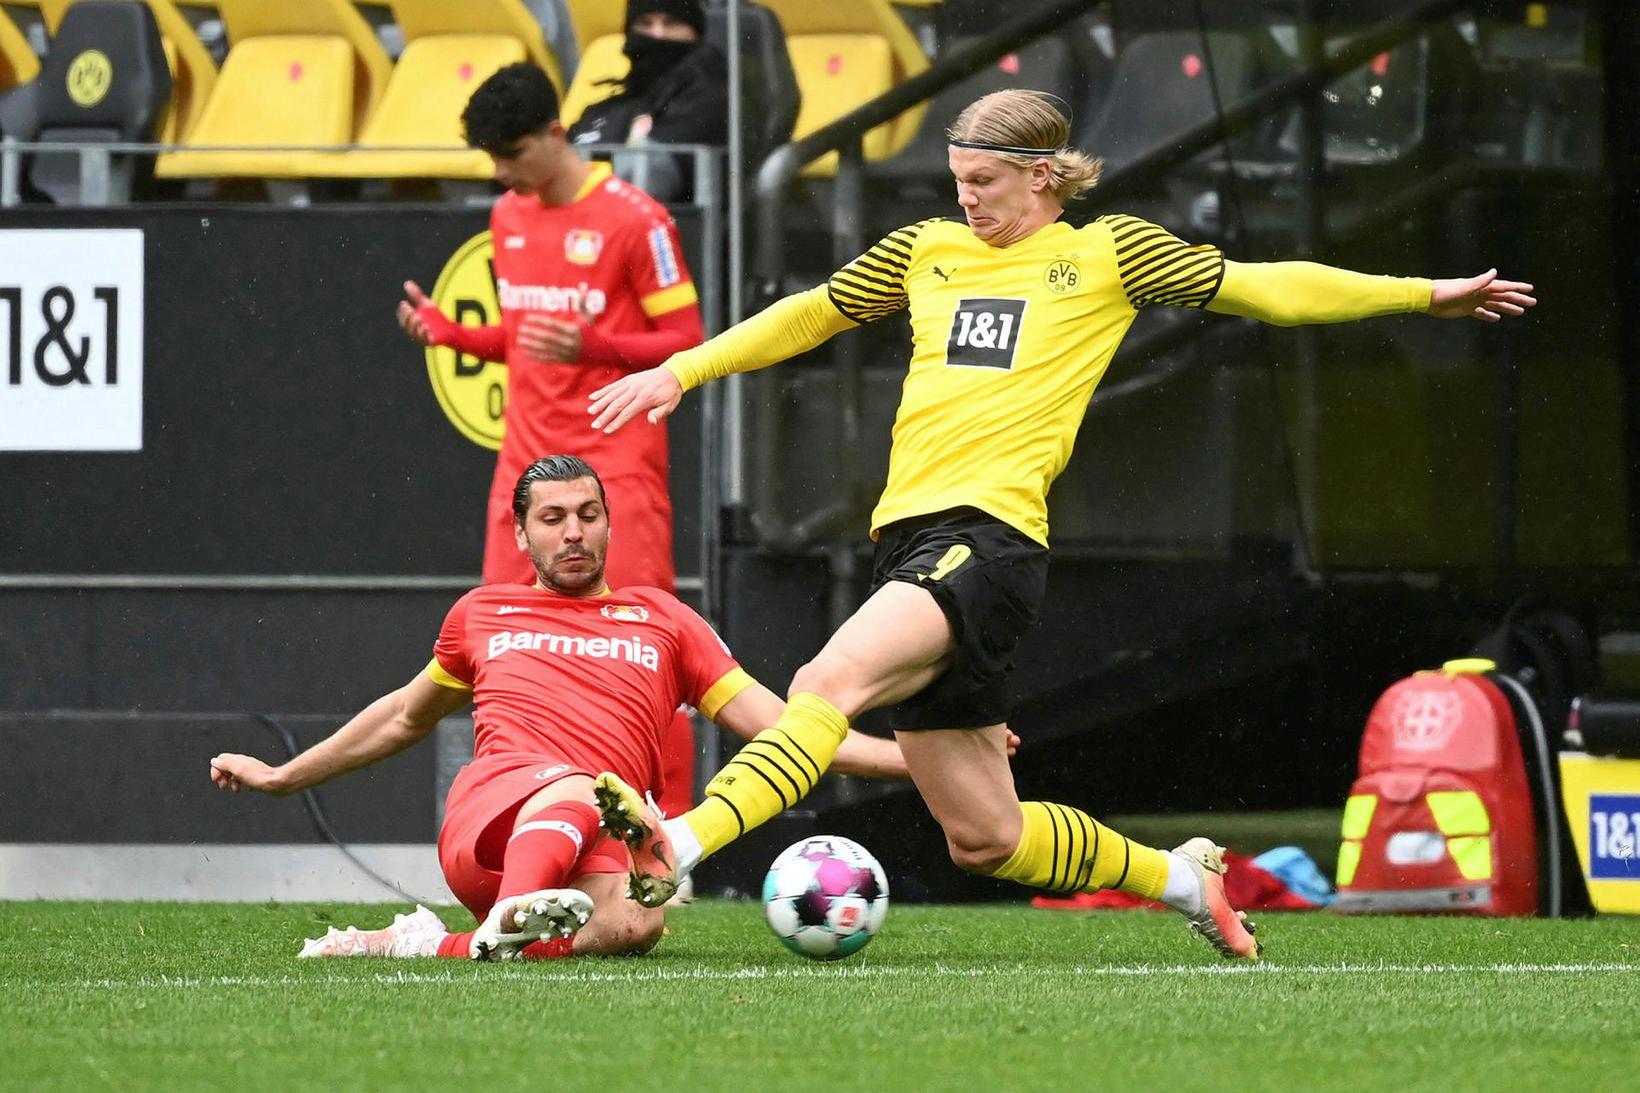 Erling Braut Haaland skoraði 41 mark fyrir Dortmund á nýliðinni …